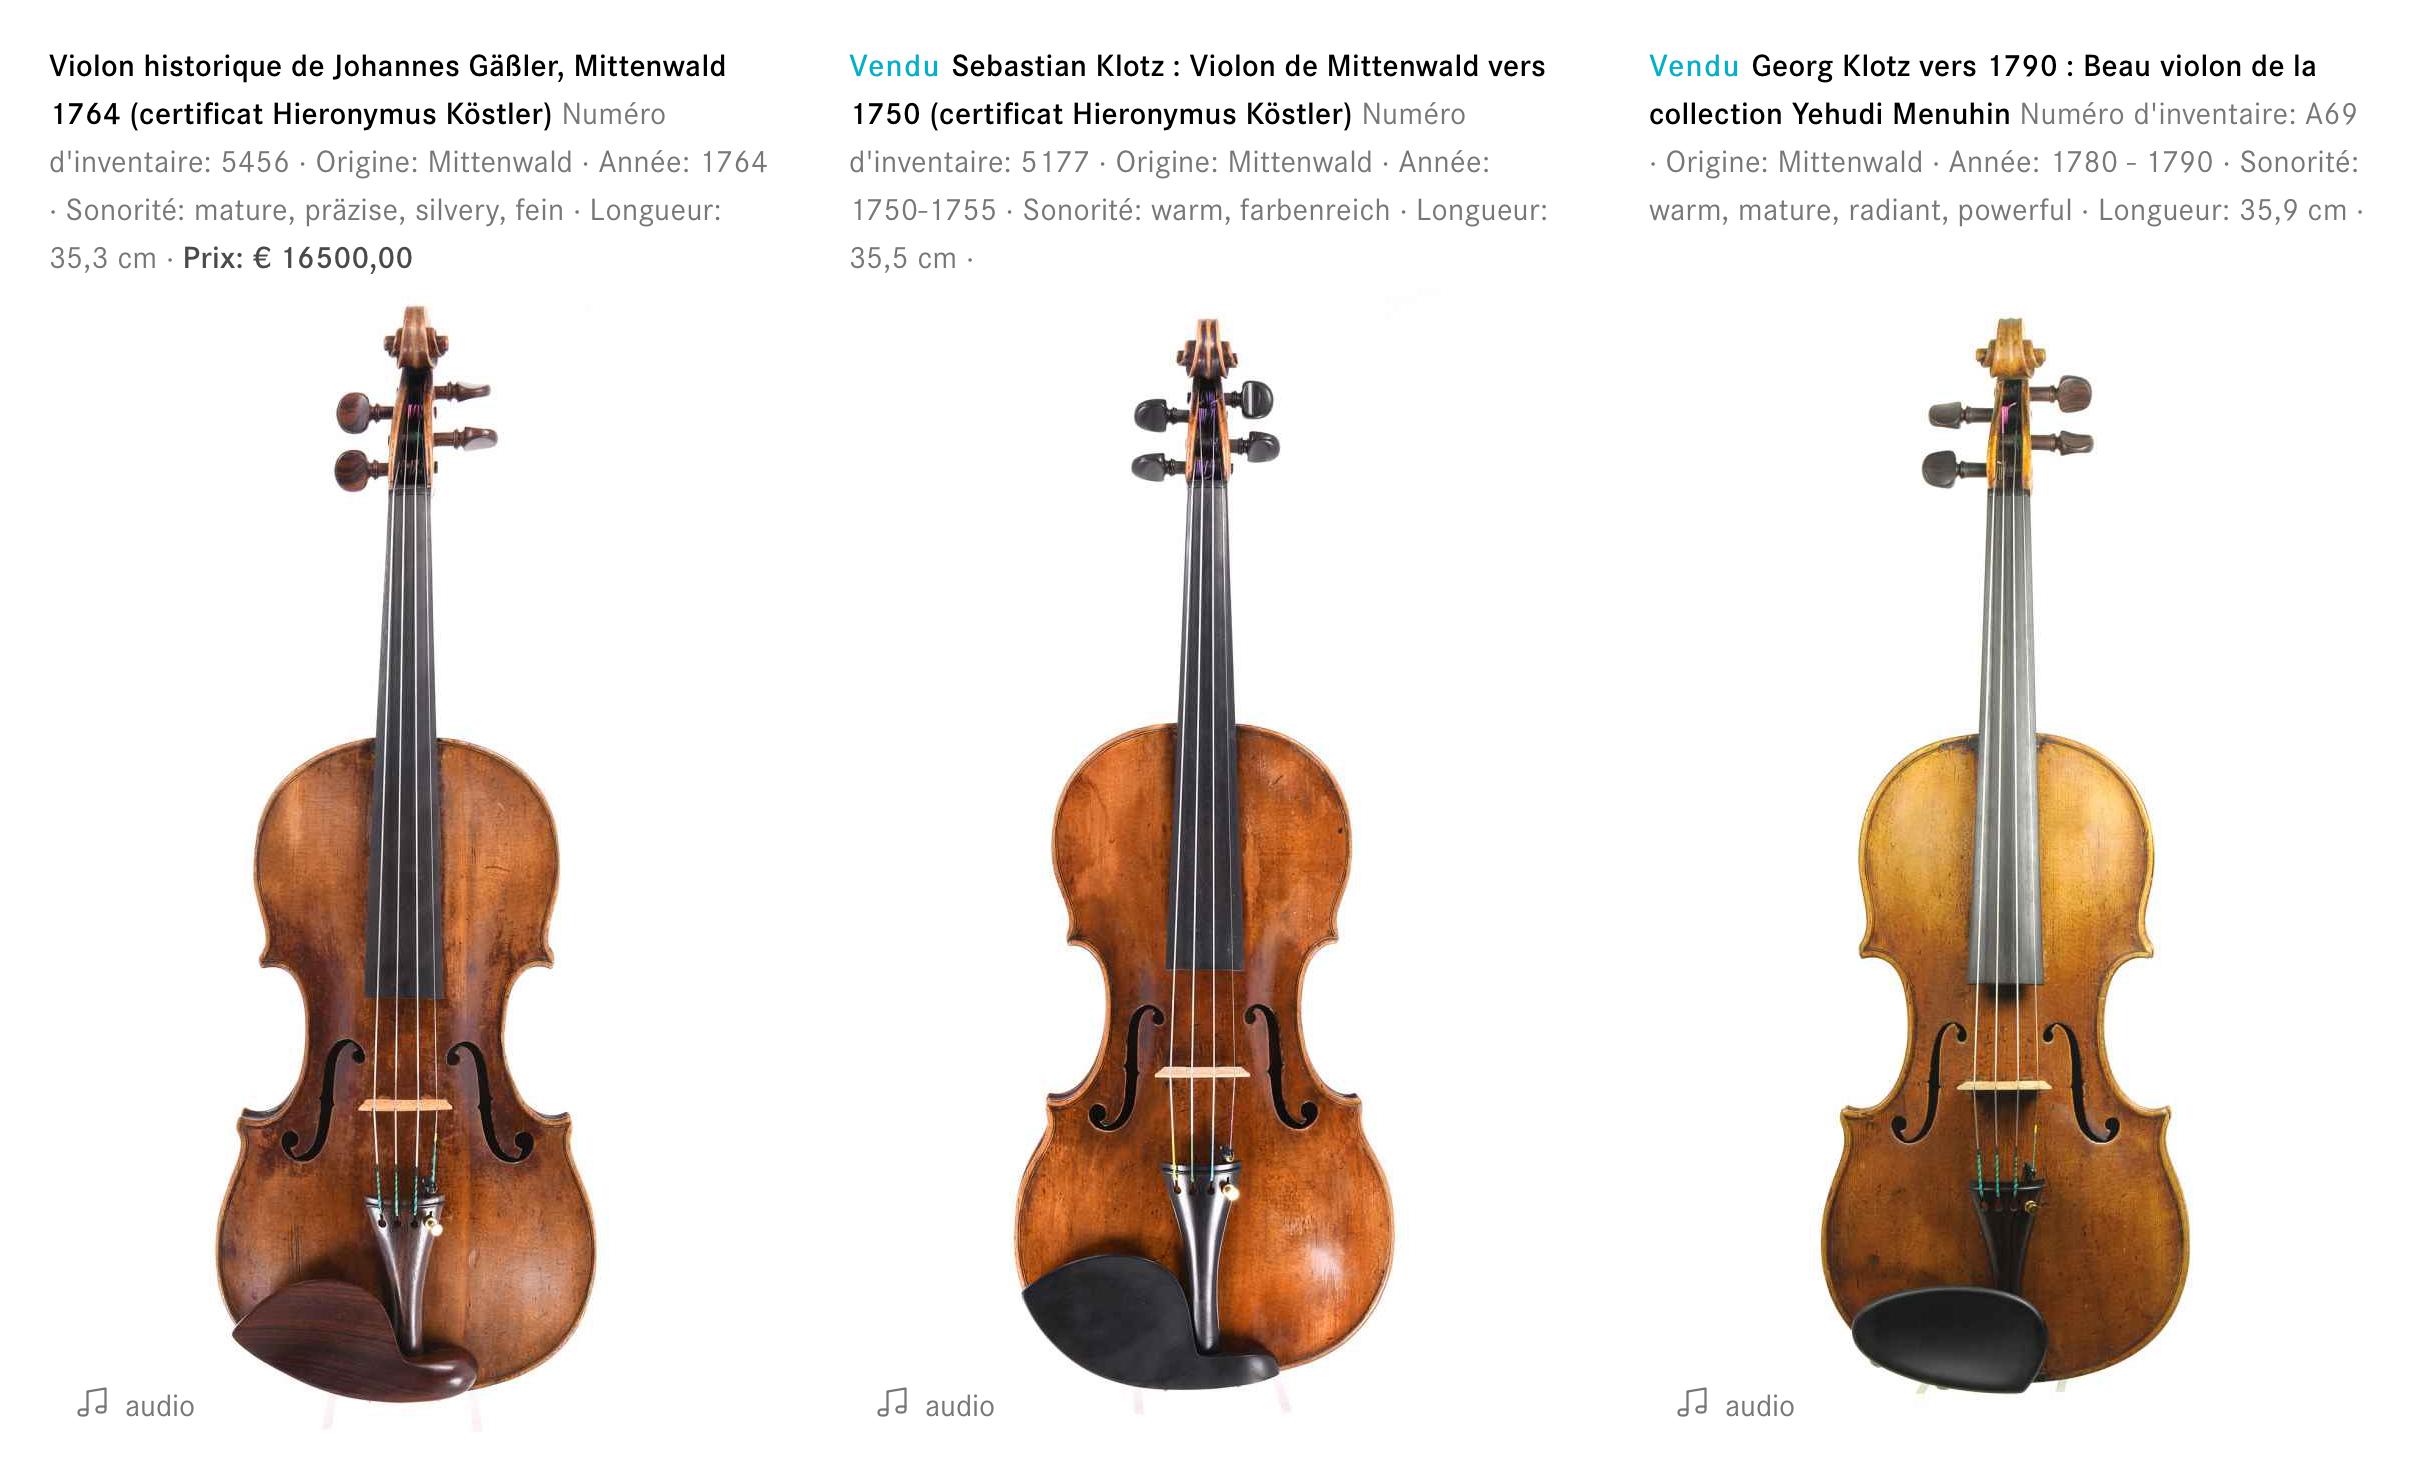 3 Instruments de Johannes Gaesslr, Sebastian Klotz et Georg Klotz